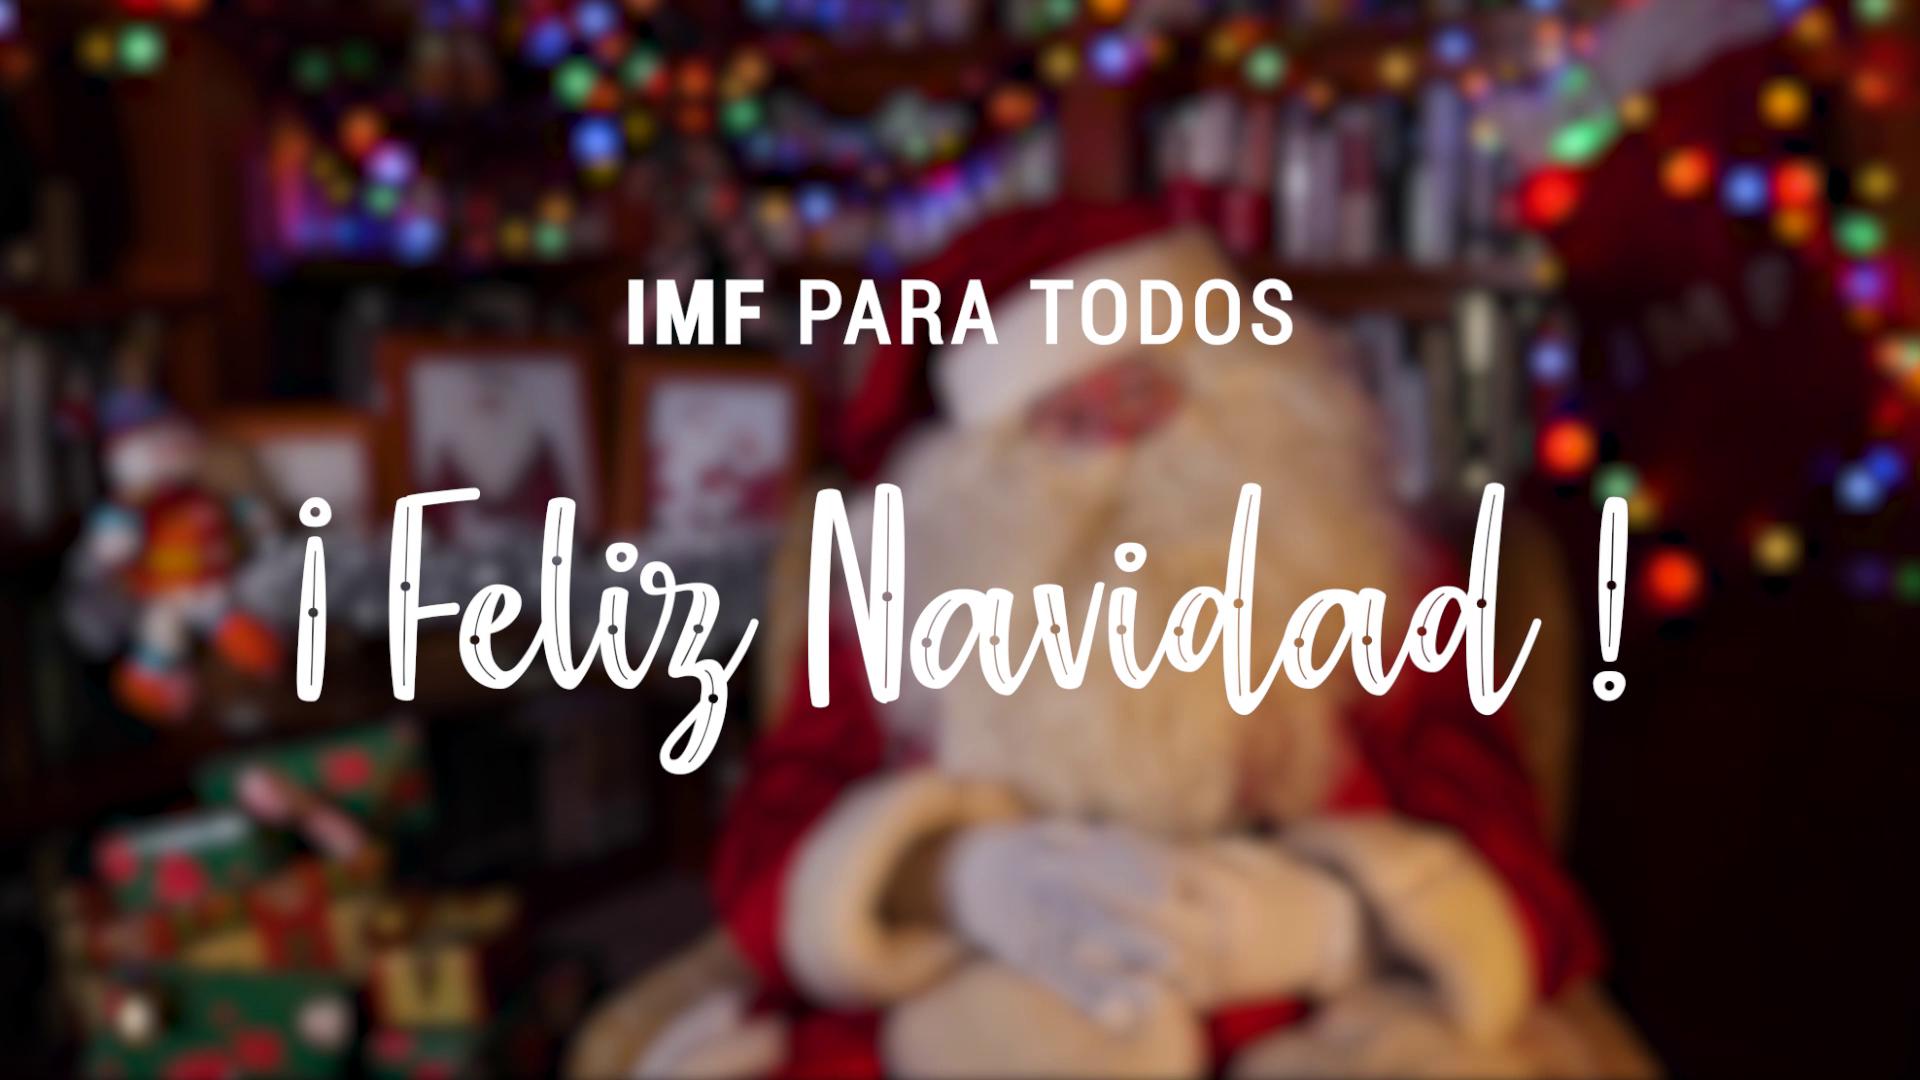 imf-para-todos #IMFparatodos: el mensaje de IMF para ti esta Navidad